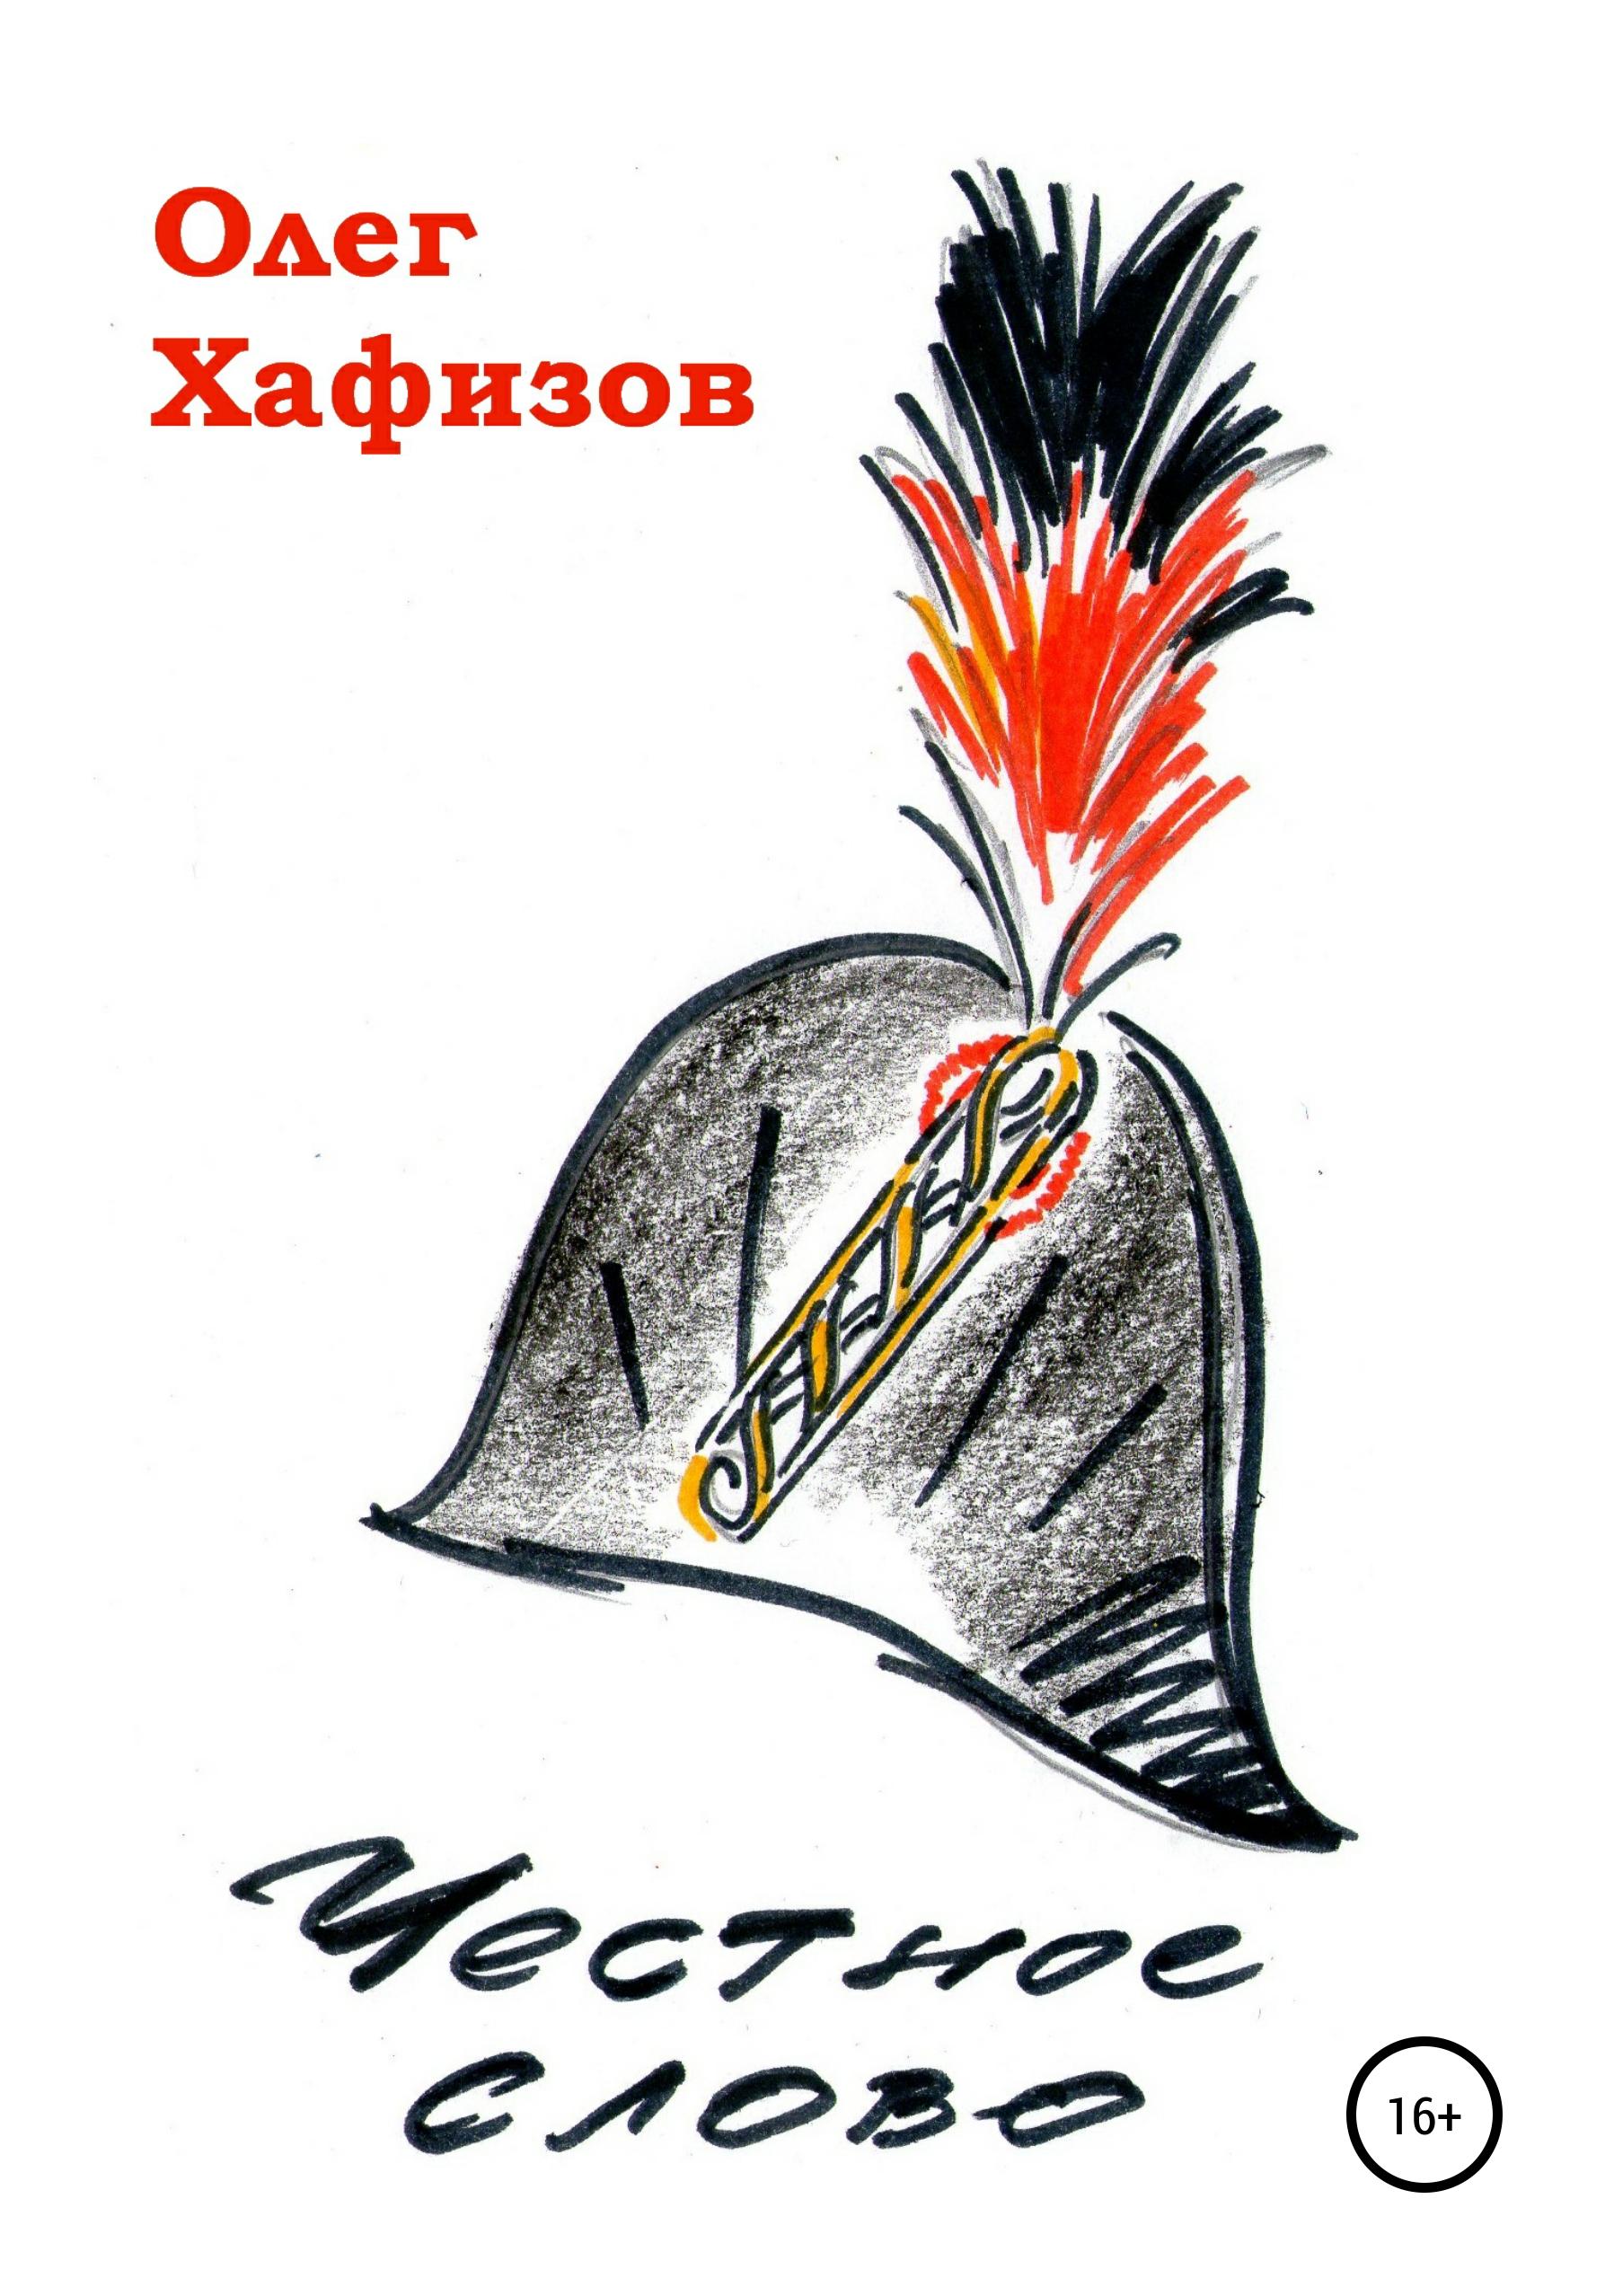 Купить книгу Честное слово, автора Олега Эсгатовича Хафизова